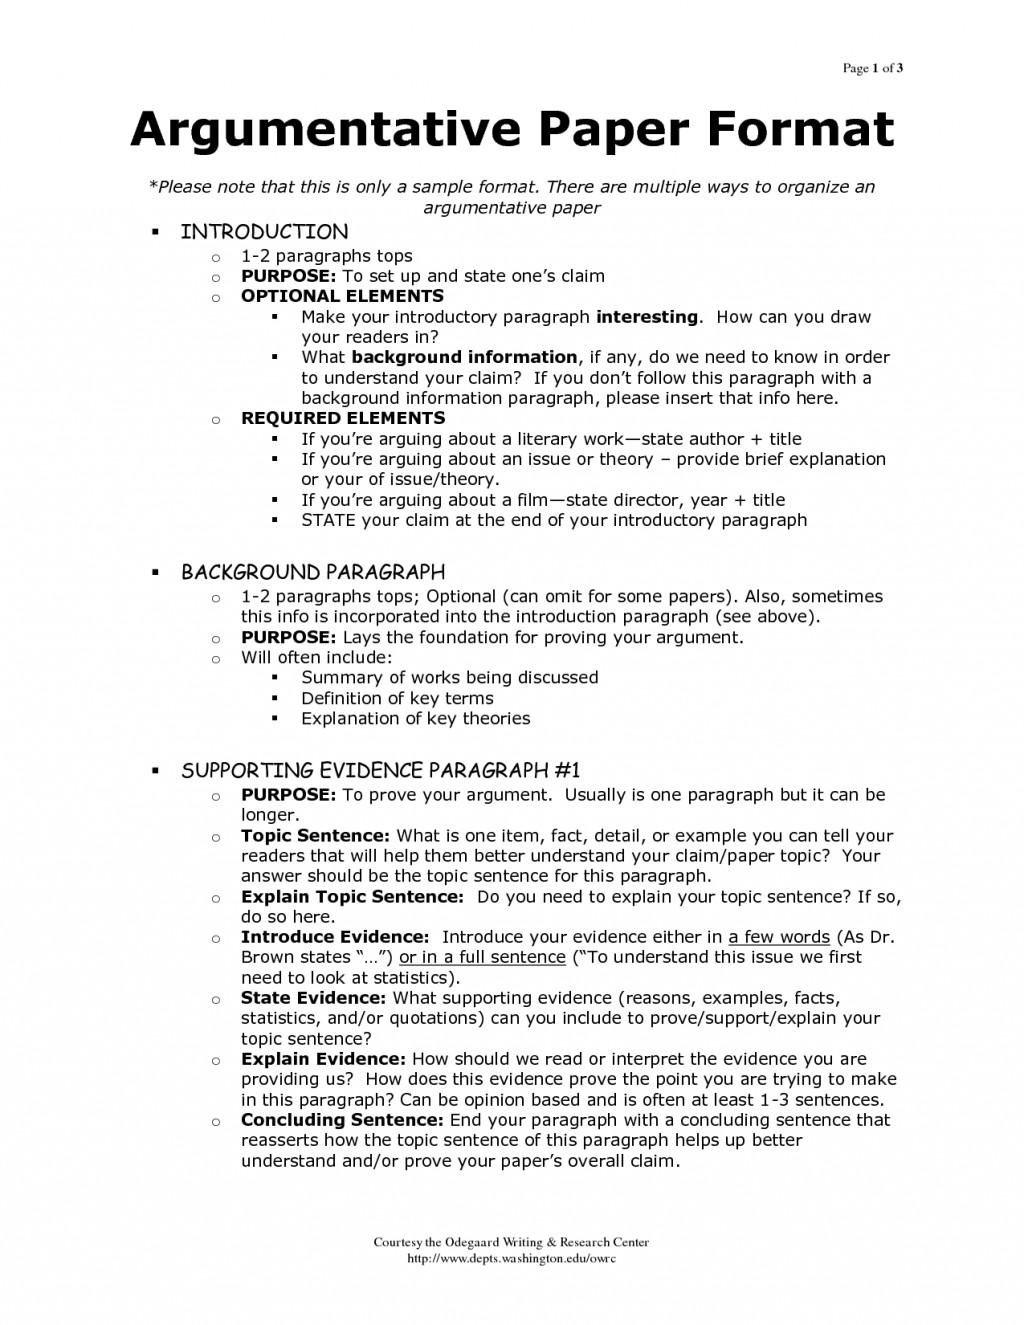 006 Sample Argumentative Essay Awful Outline Pdf Mla Format Grade 6 Large